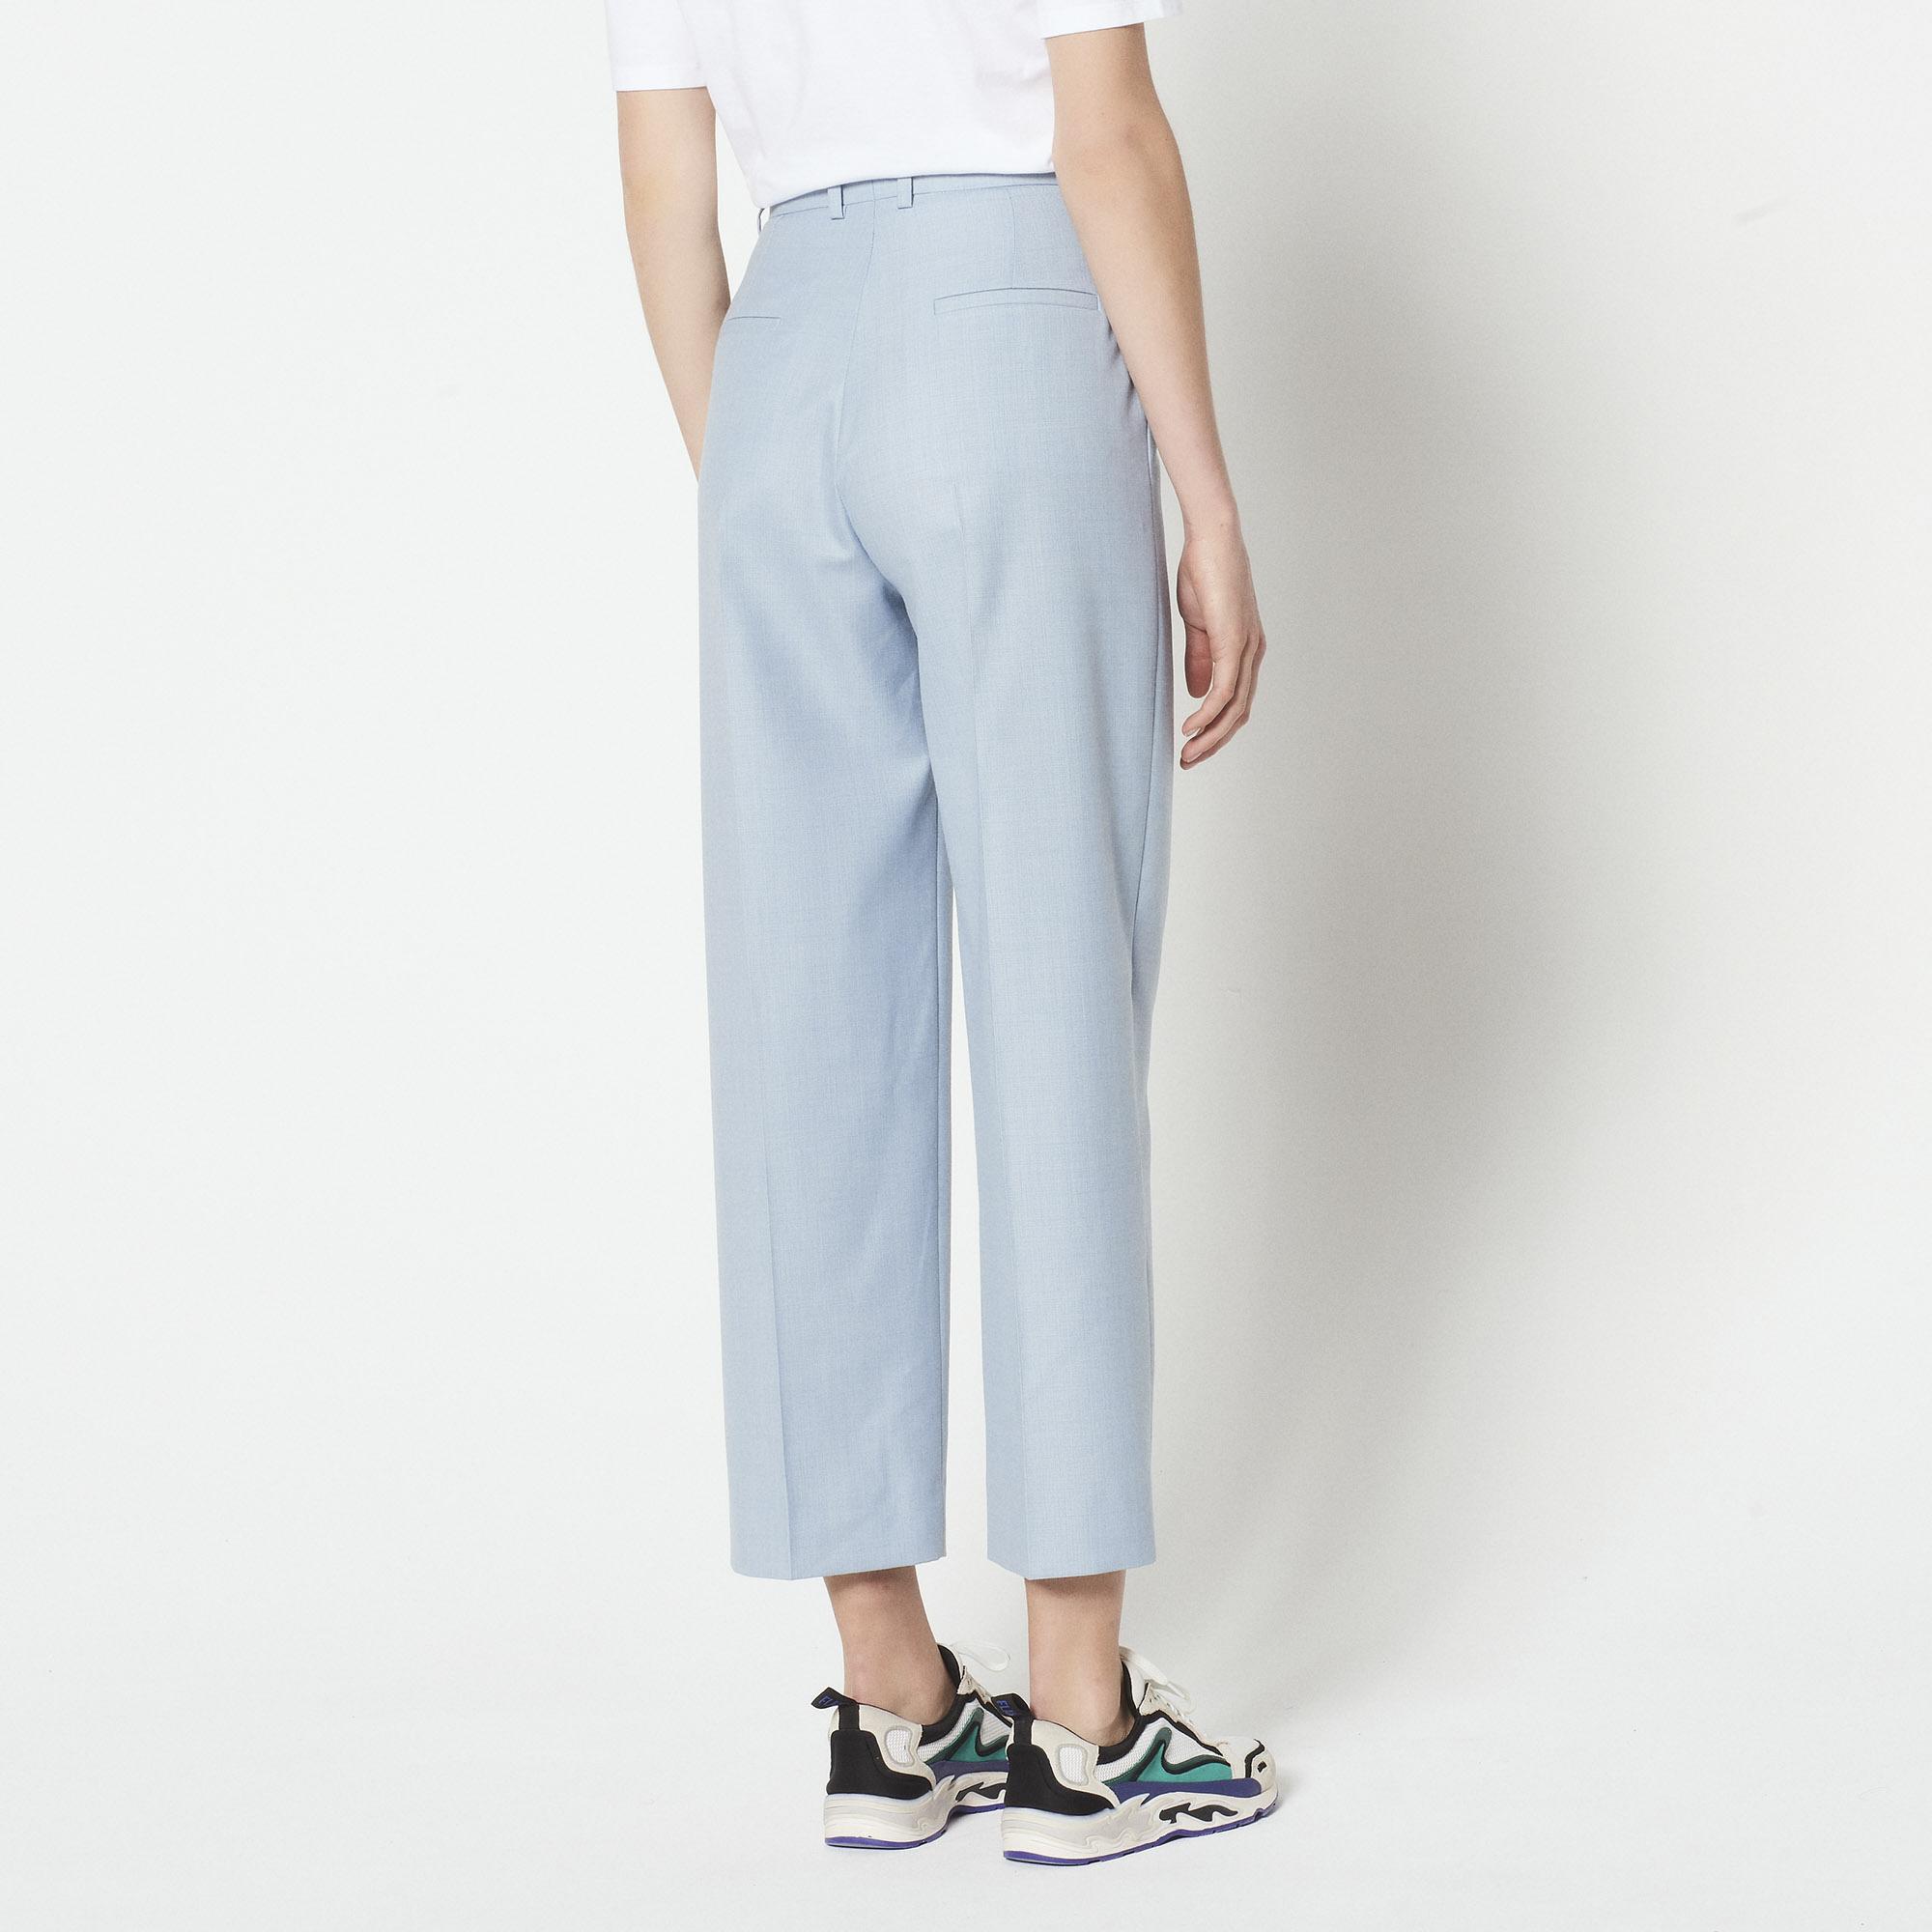 Pantaloni da tailleur 7/8 : Pantaloni colore Sky Blue